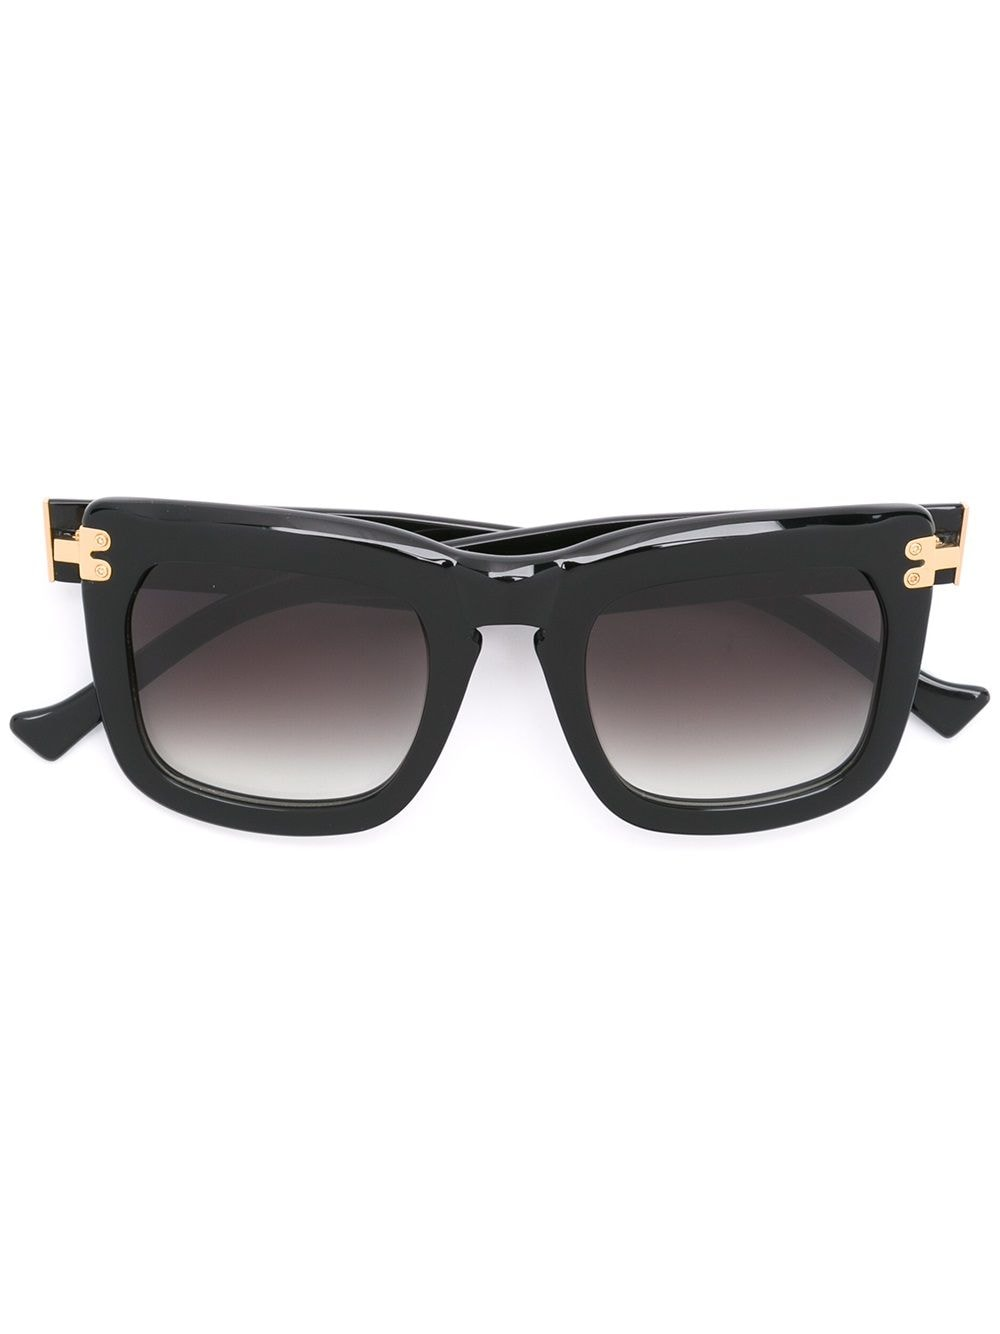 Grey Ant 'Blitz' Sonnenbrille - Schwarz